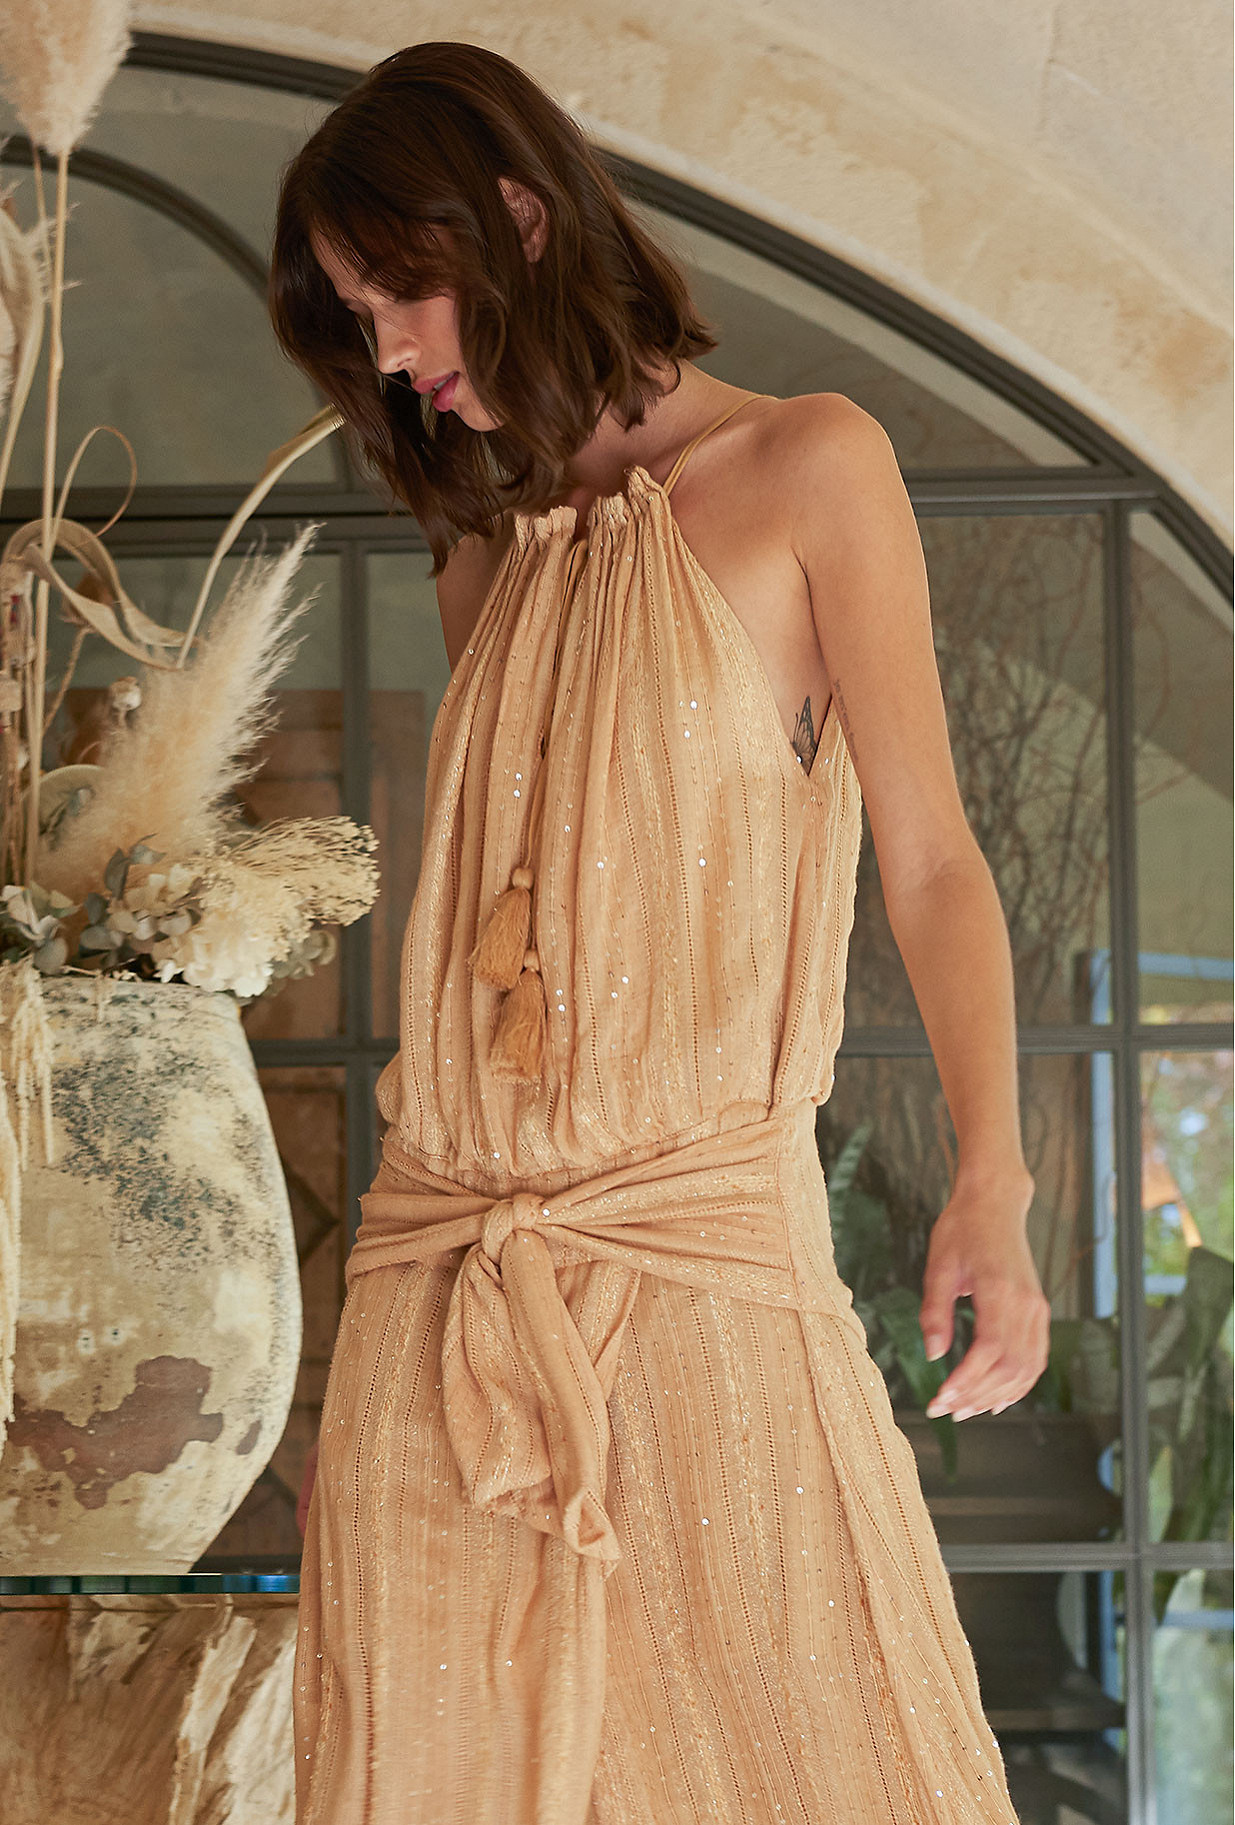 Robe Nude  Sultane mes demoiselles paris vêtement femme paris